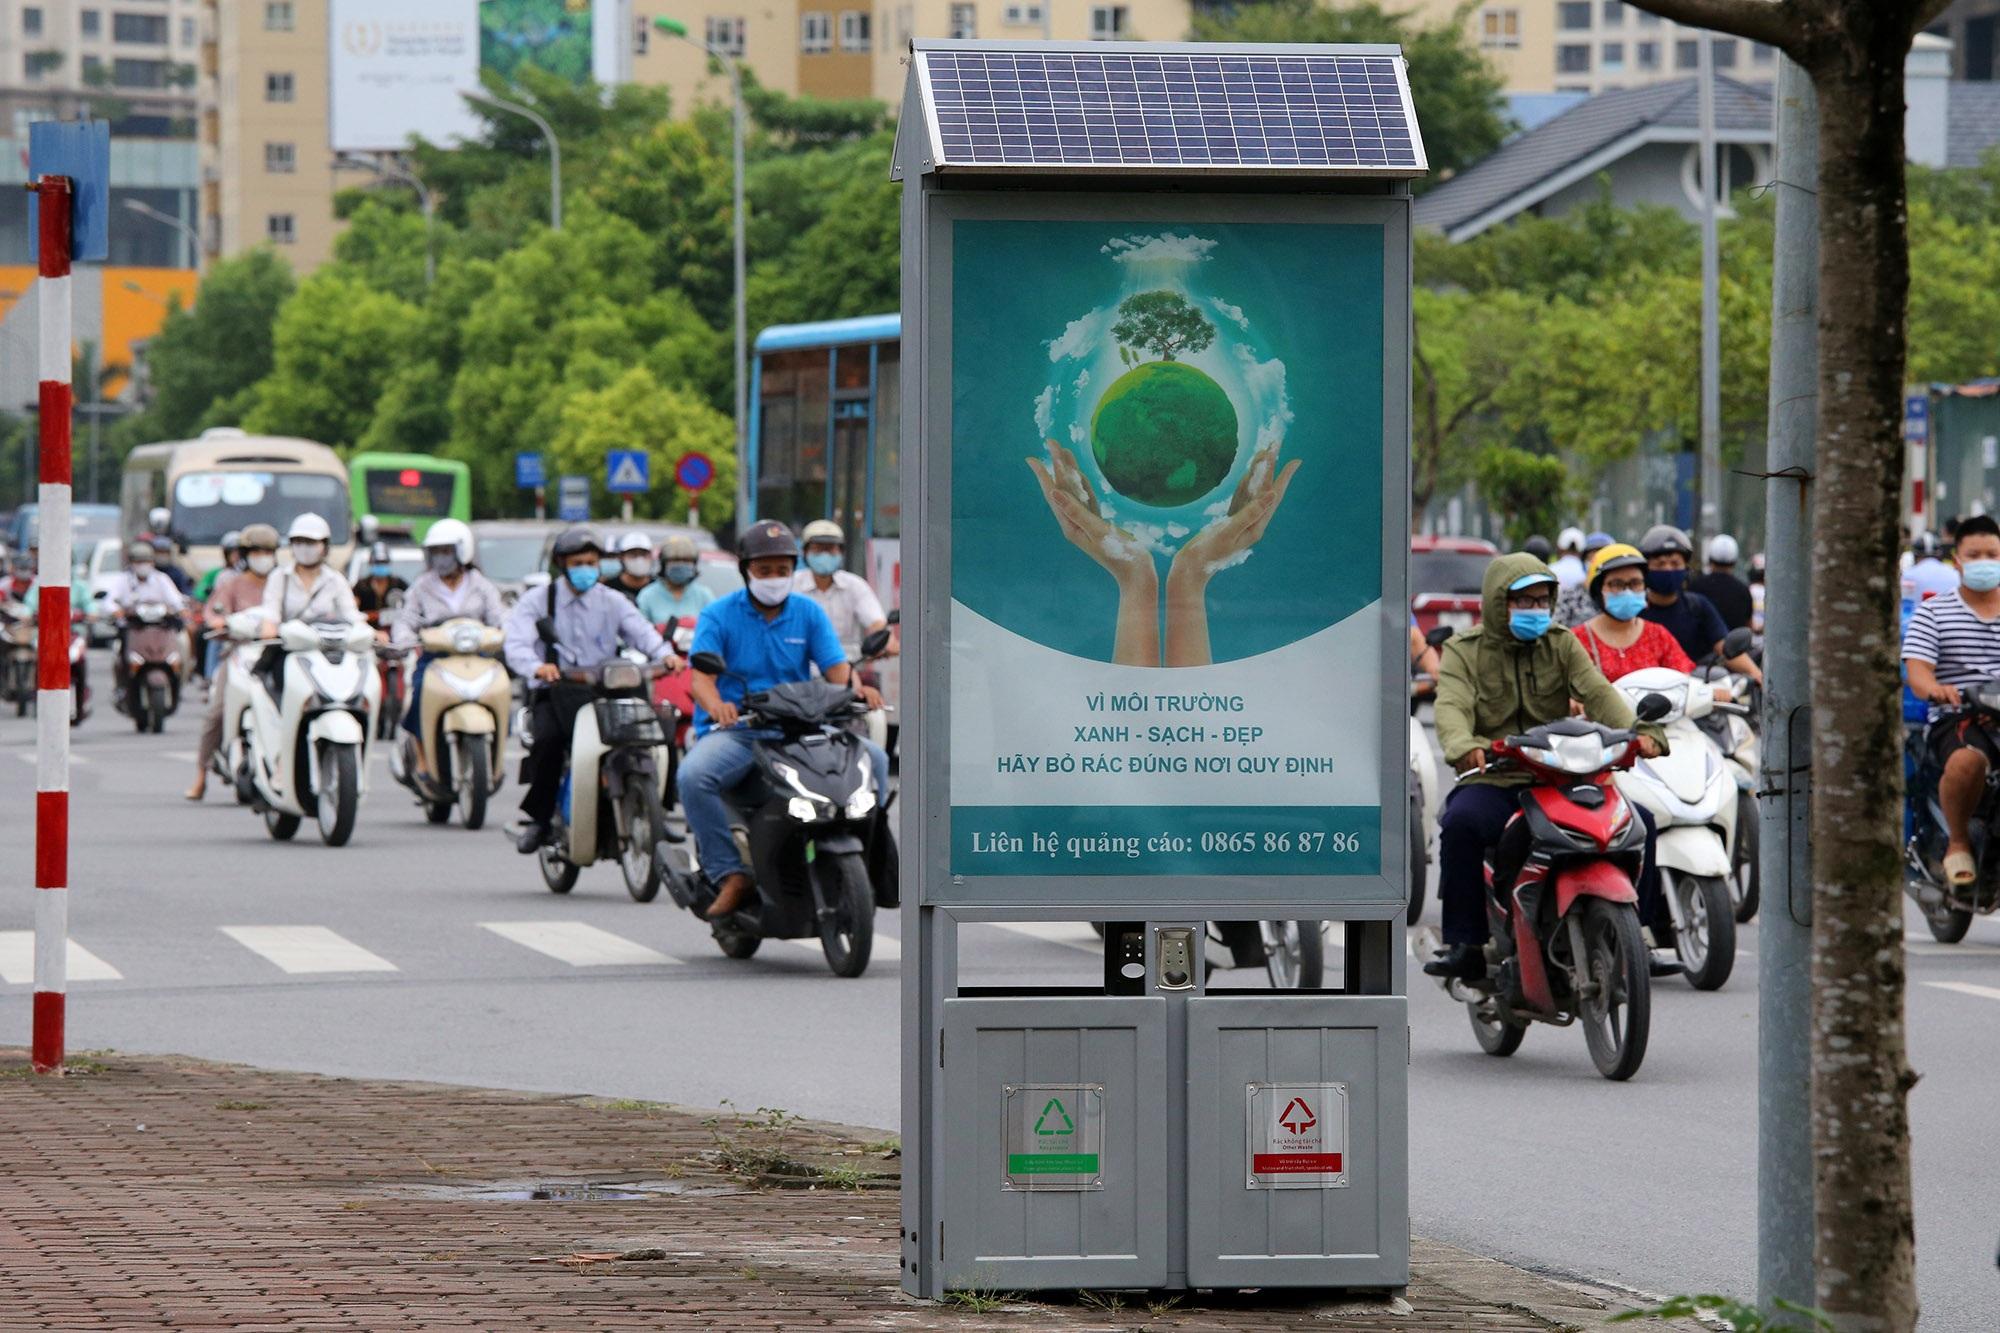 Hàng nghìn thùng rác phát sáng về đêm được lắp đặt tại Hà Nội - 1